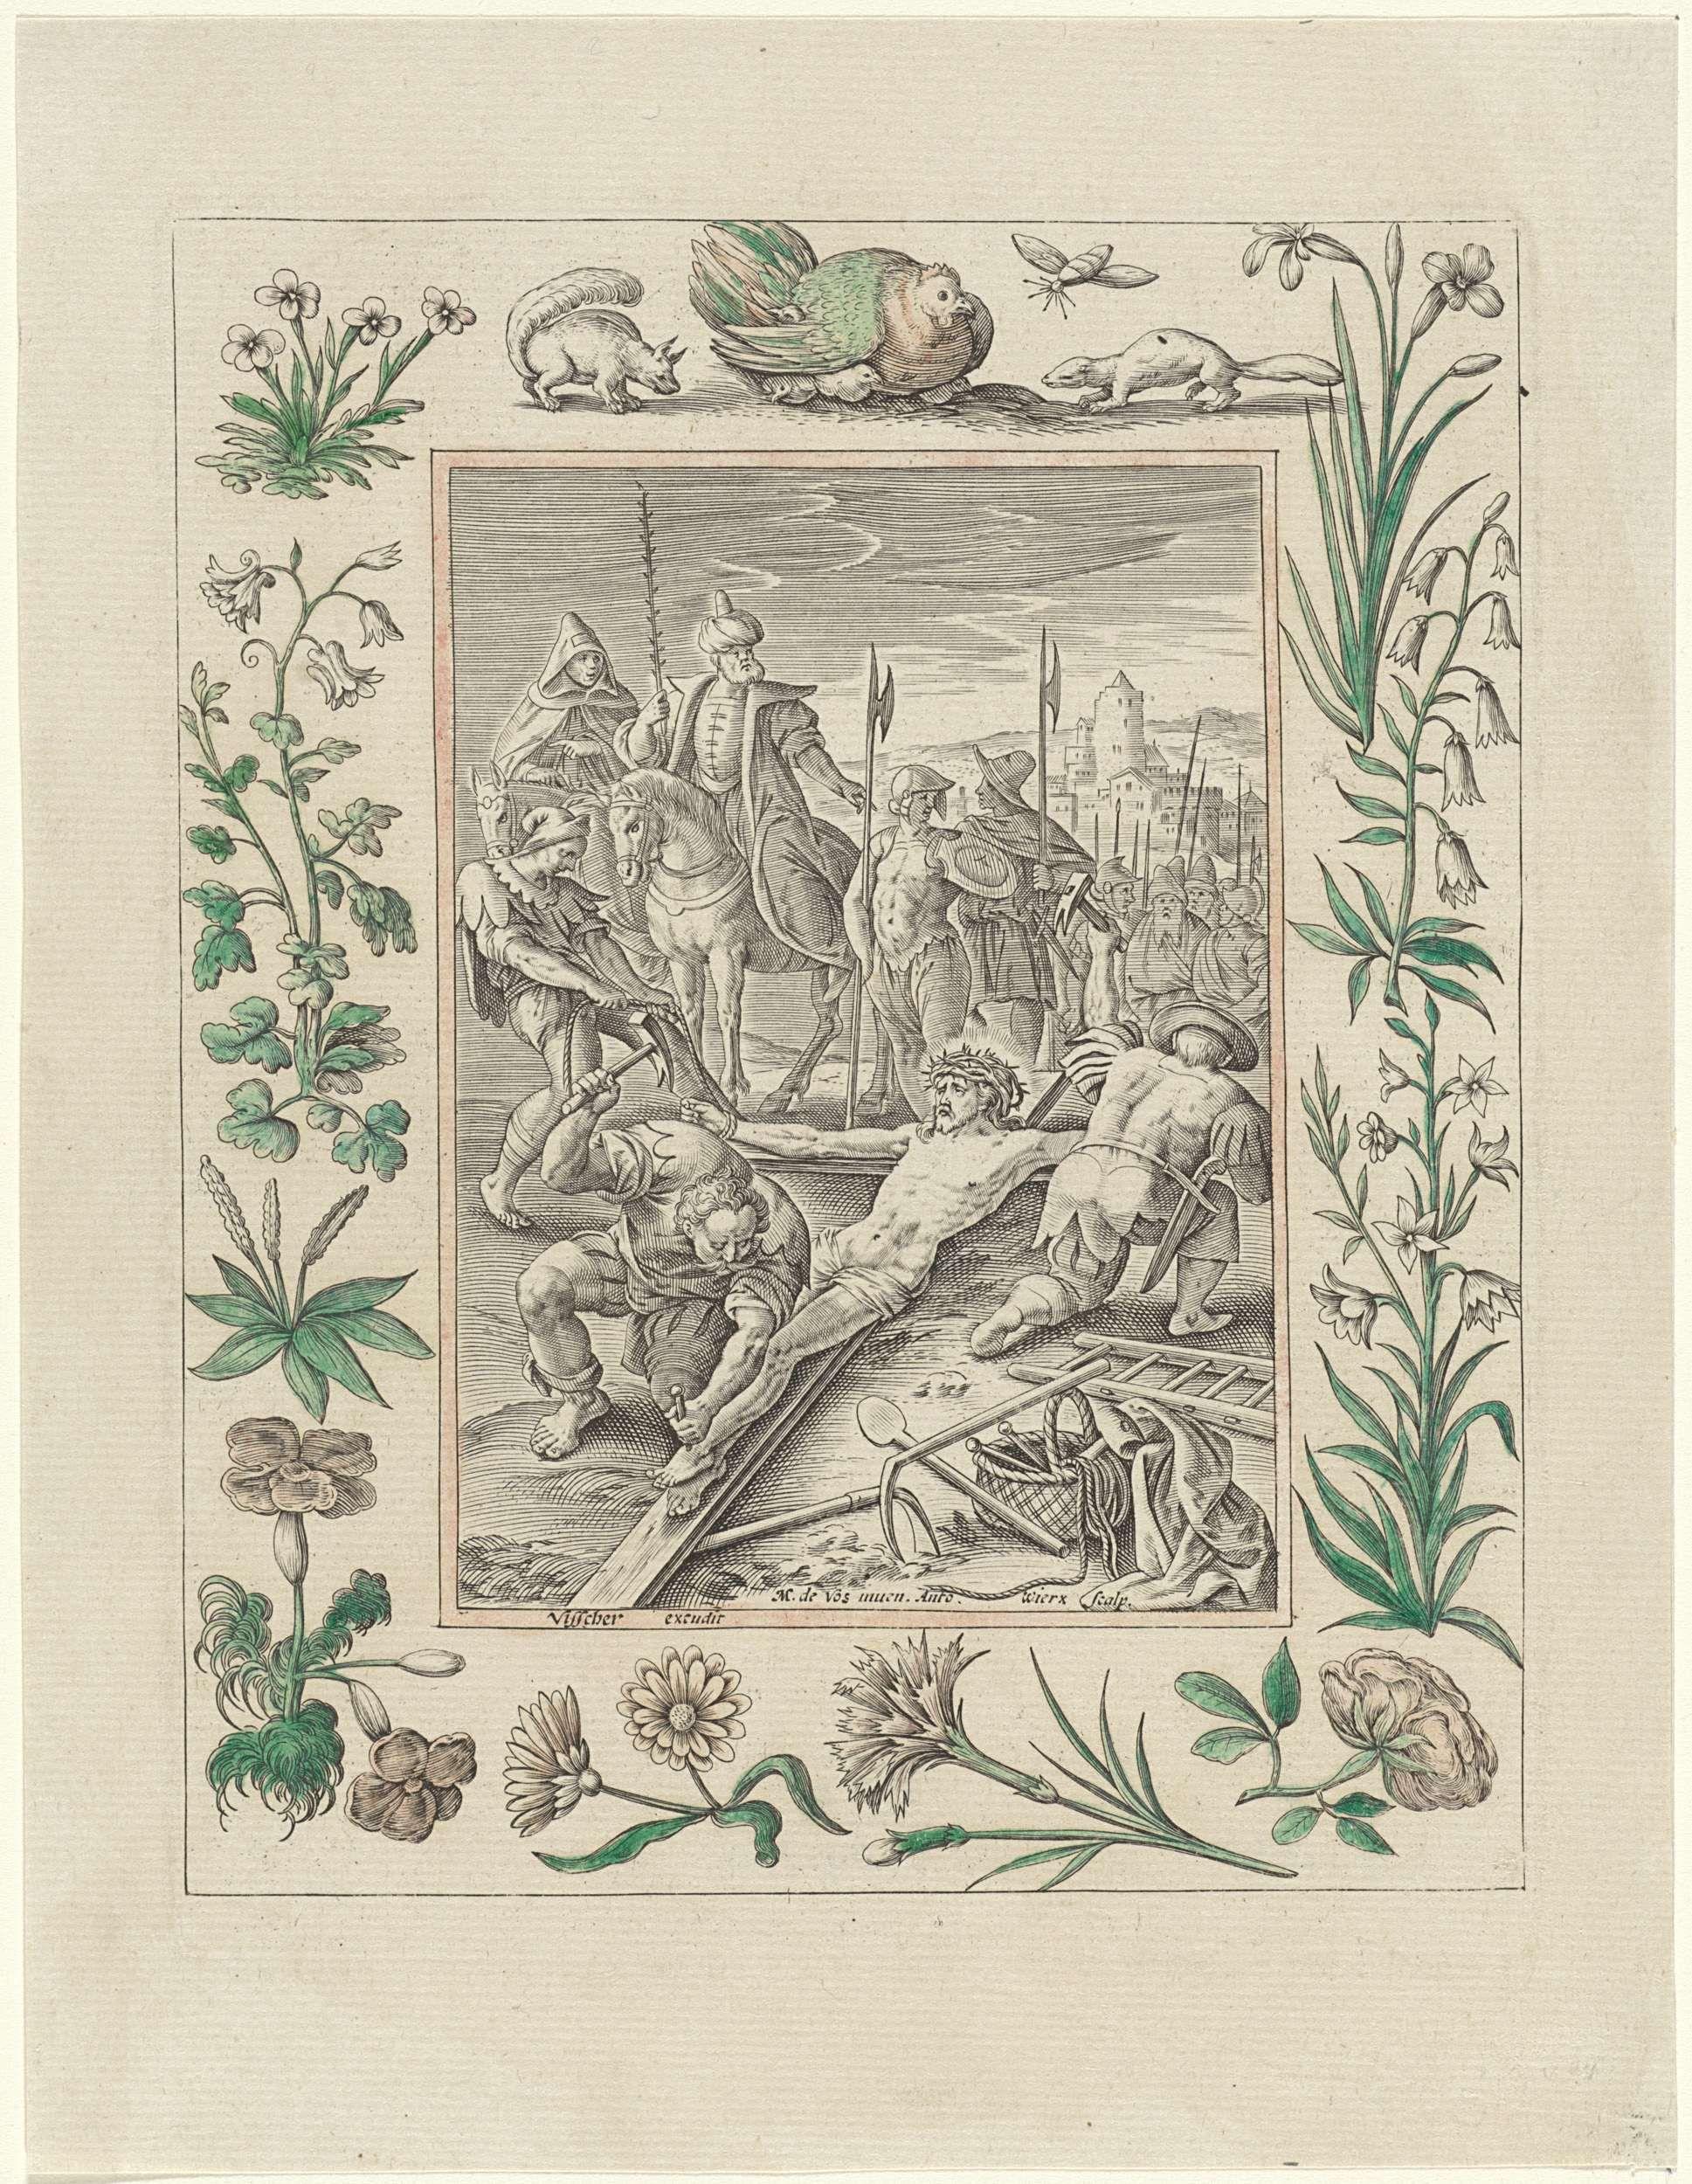 Antonie Wierix (II)   Christus wordt aan het kruis genageld, Antonie Wierix (II), Claes Jansz. Visscher (II), 1582 - 1586   Christus wordt door twee mannen aan het kruis genageld. Soldaten te paard kijken toe. De voorstelling is gevat in een ornamentele omlijsting die is gedecoreerd met dieren en bloemen.